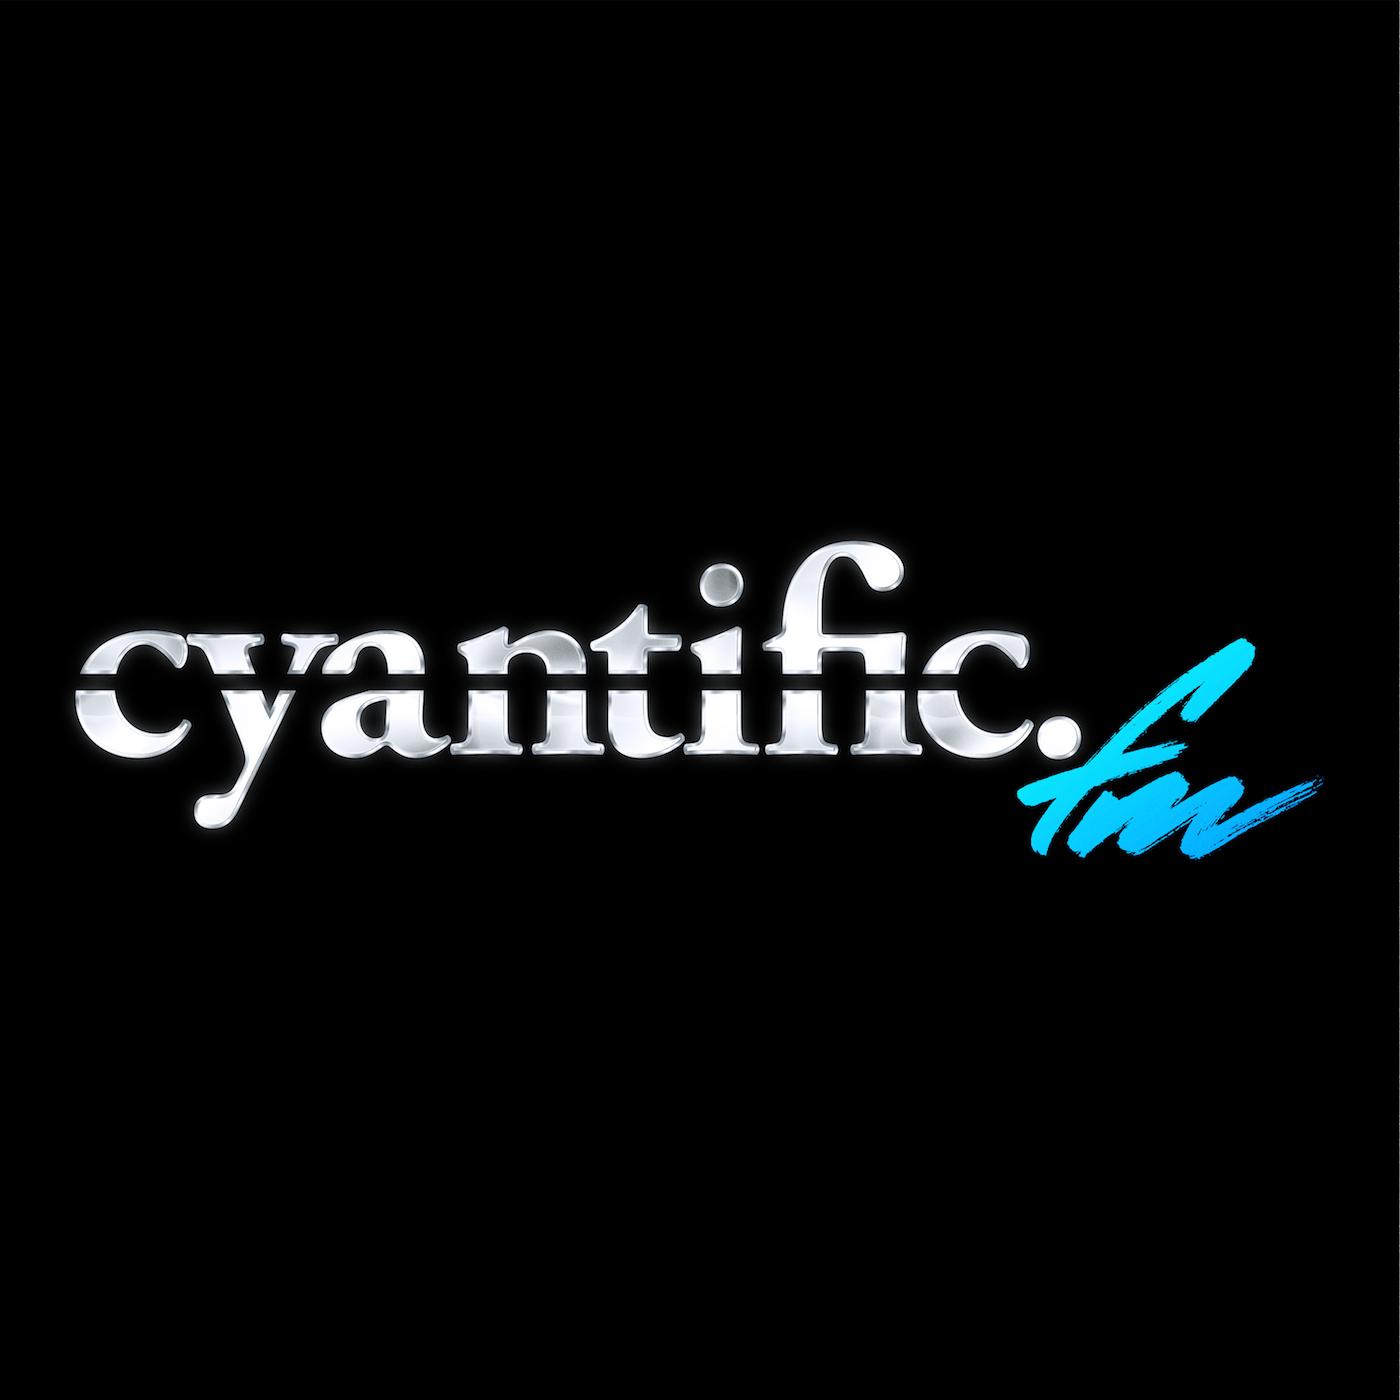 cyantific FM - cyantific.